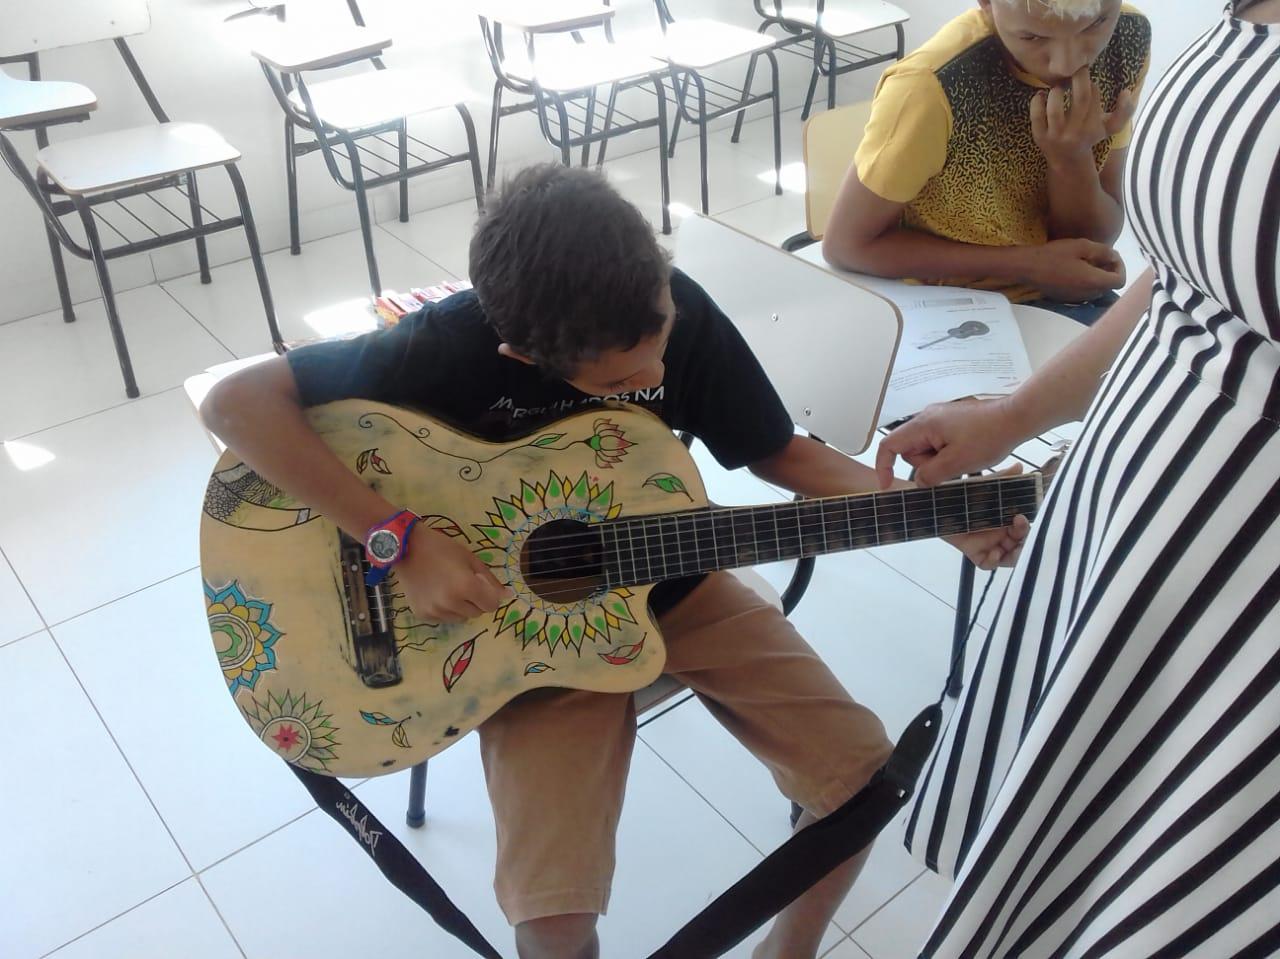 Músico ministrará Curso Dinâmico e Oficina de Música gratuitos em Guanambi - Agência Sertão